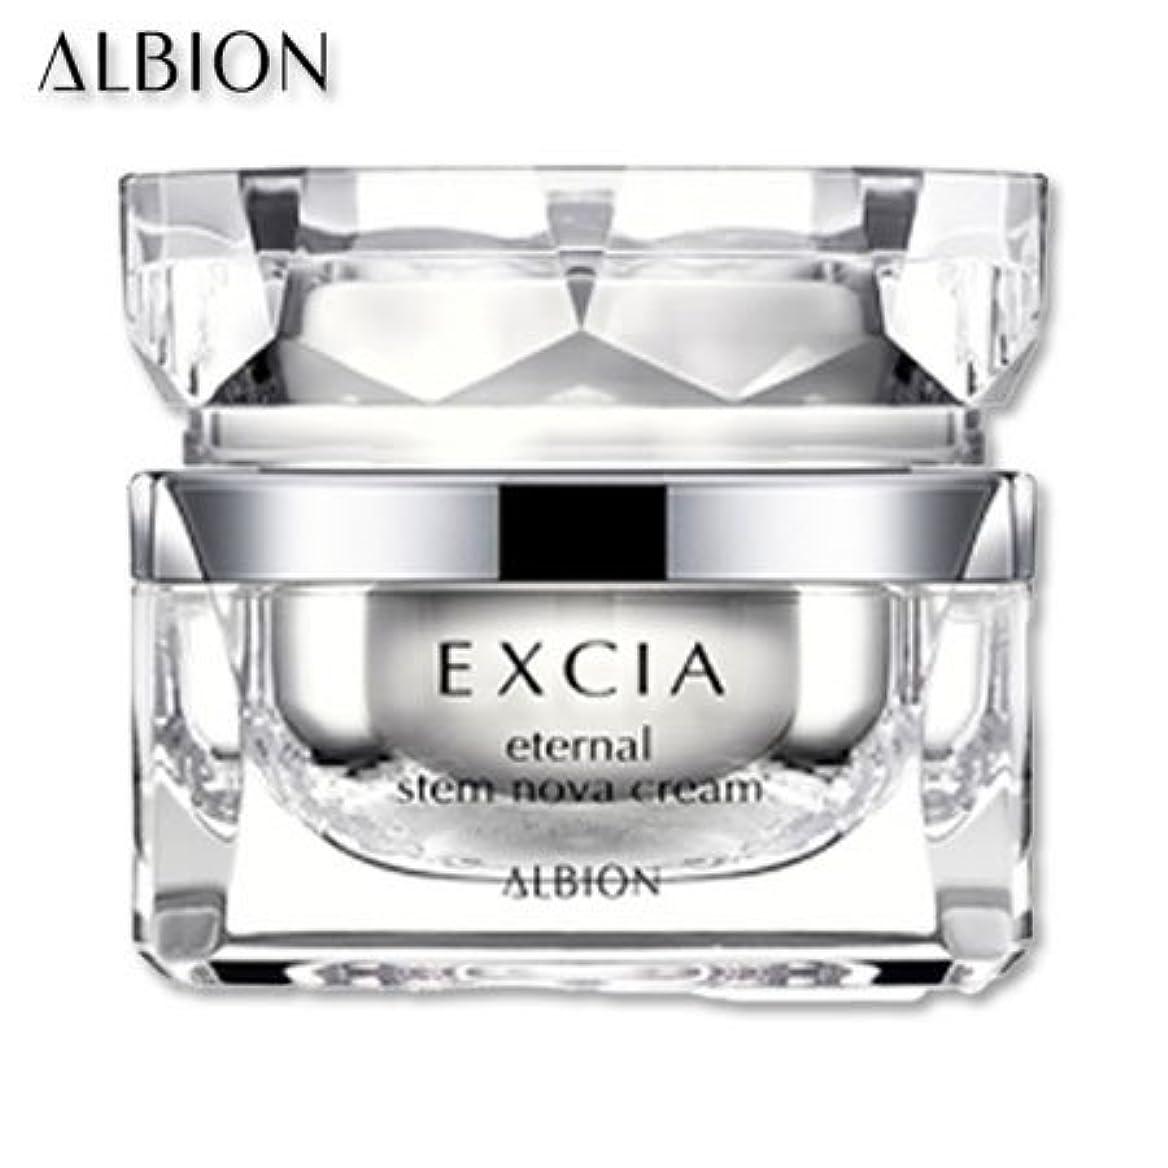 理解ペースト融合アルビオン エクシア AL エターナル ステム ノーヴァ クリーム 30g-ALBION-